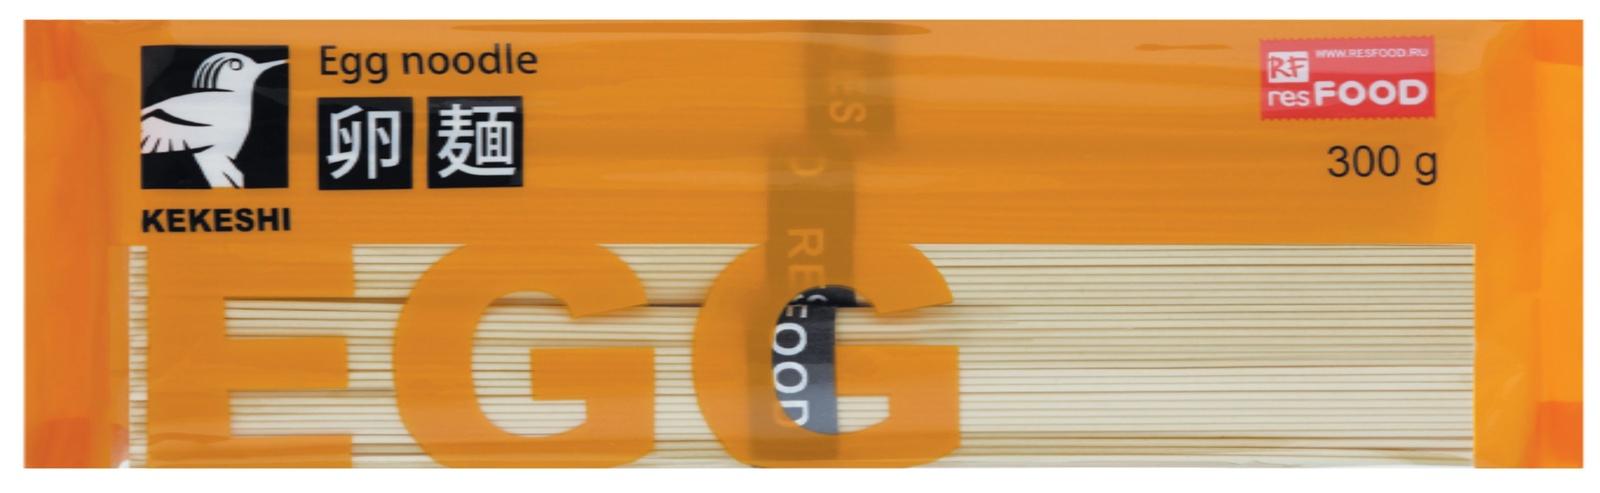 Лапша быстрого приготовления ResFOOD Лапша яичная Kekeshi, 300г, 300